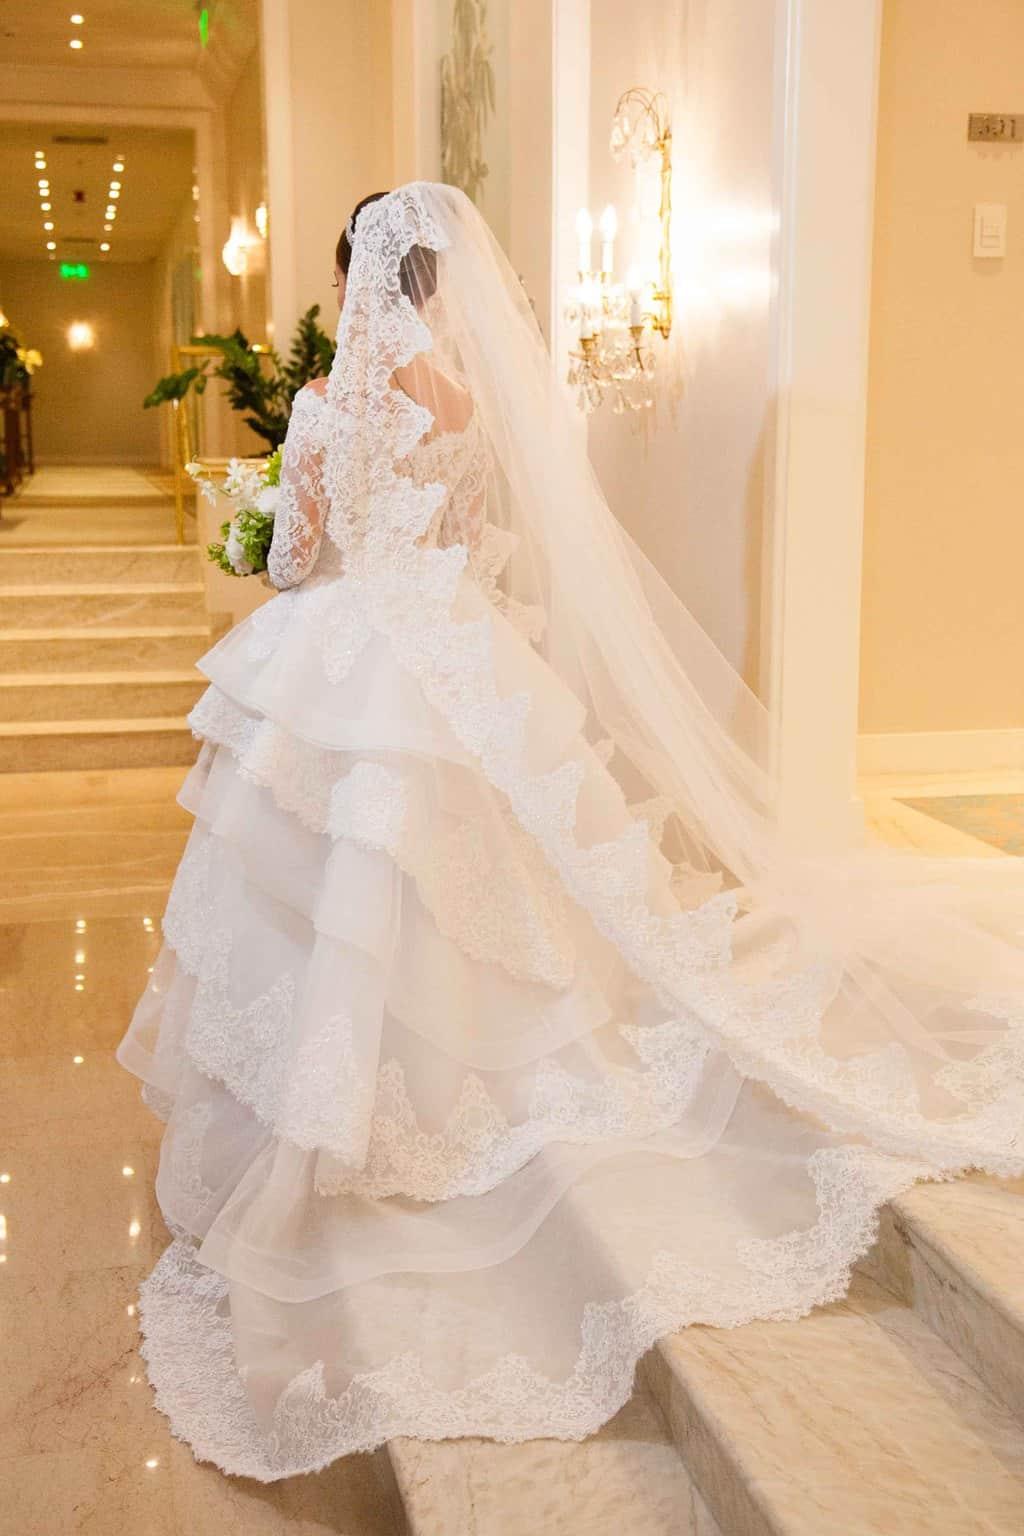 Casamento-Clássico-Casamento-tradicional-Copacabana-Palace-Monica-Roias-Poses-noiva-Ribas-Foto-e-Vídeo-Silvio-Cruz-Tuanny-e-Bernardo-CaseMe-3